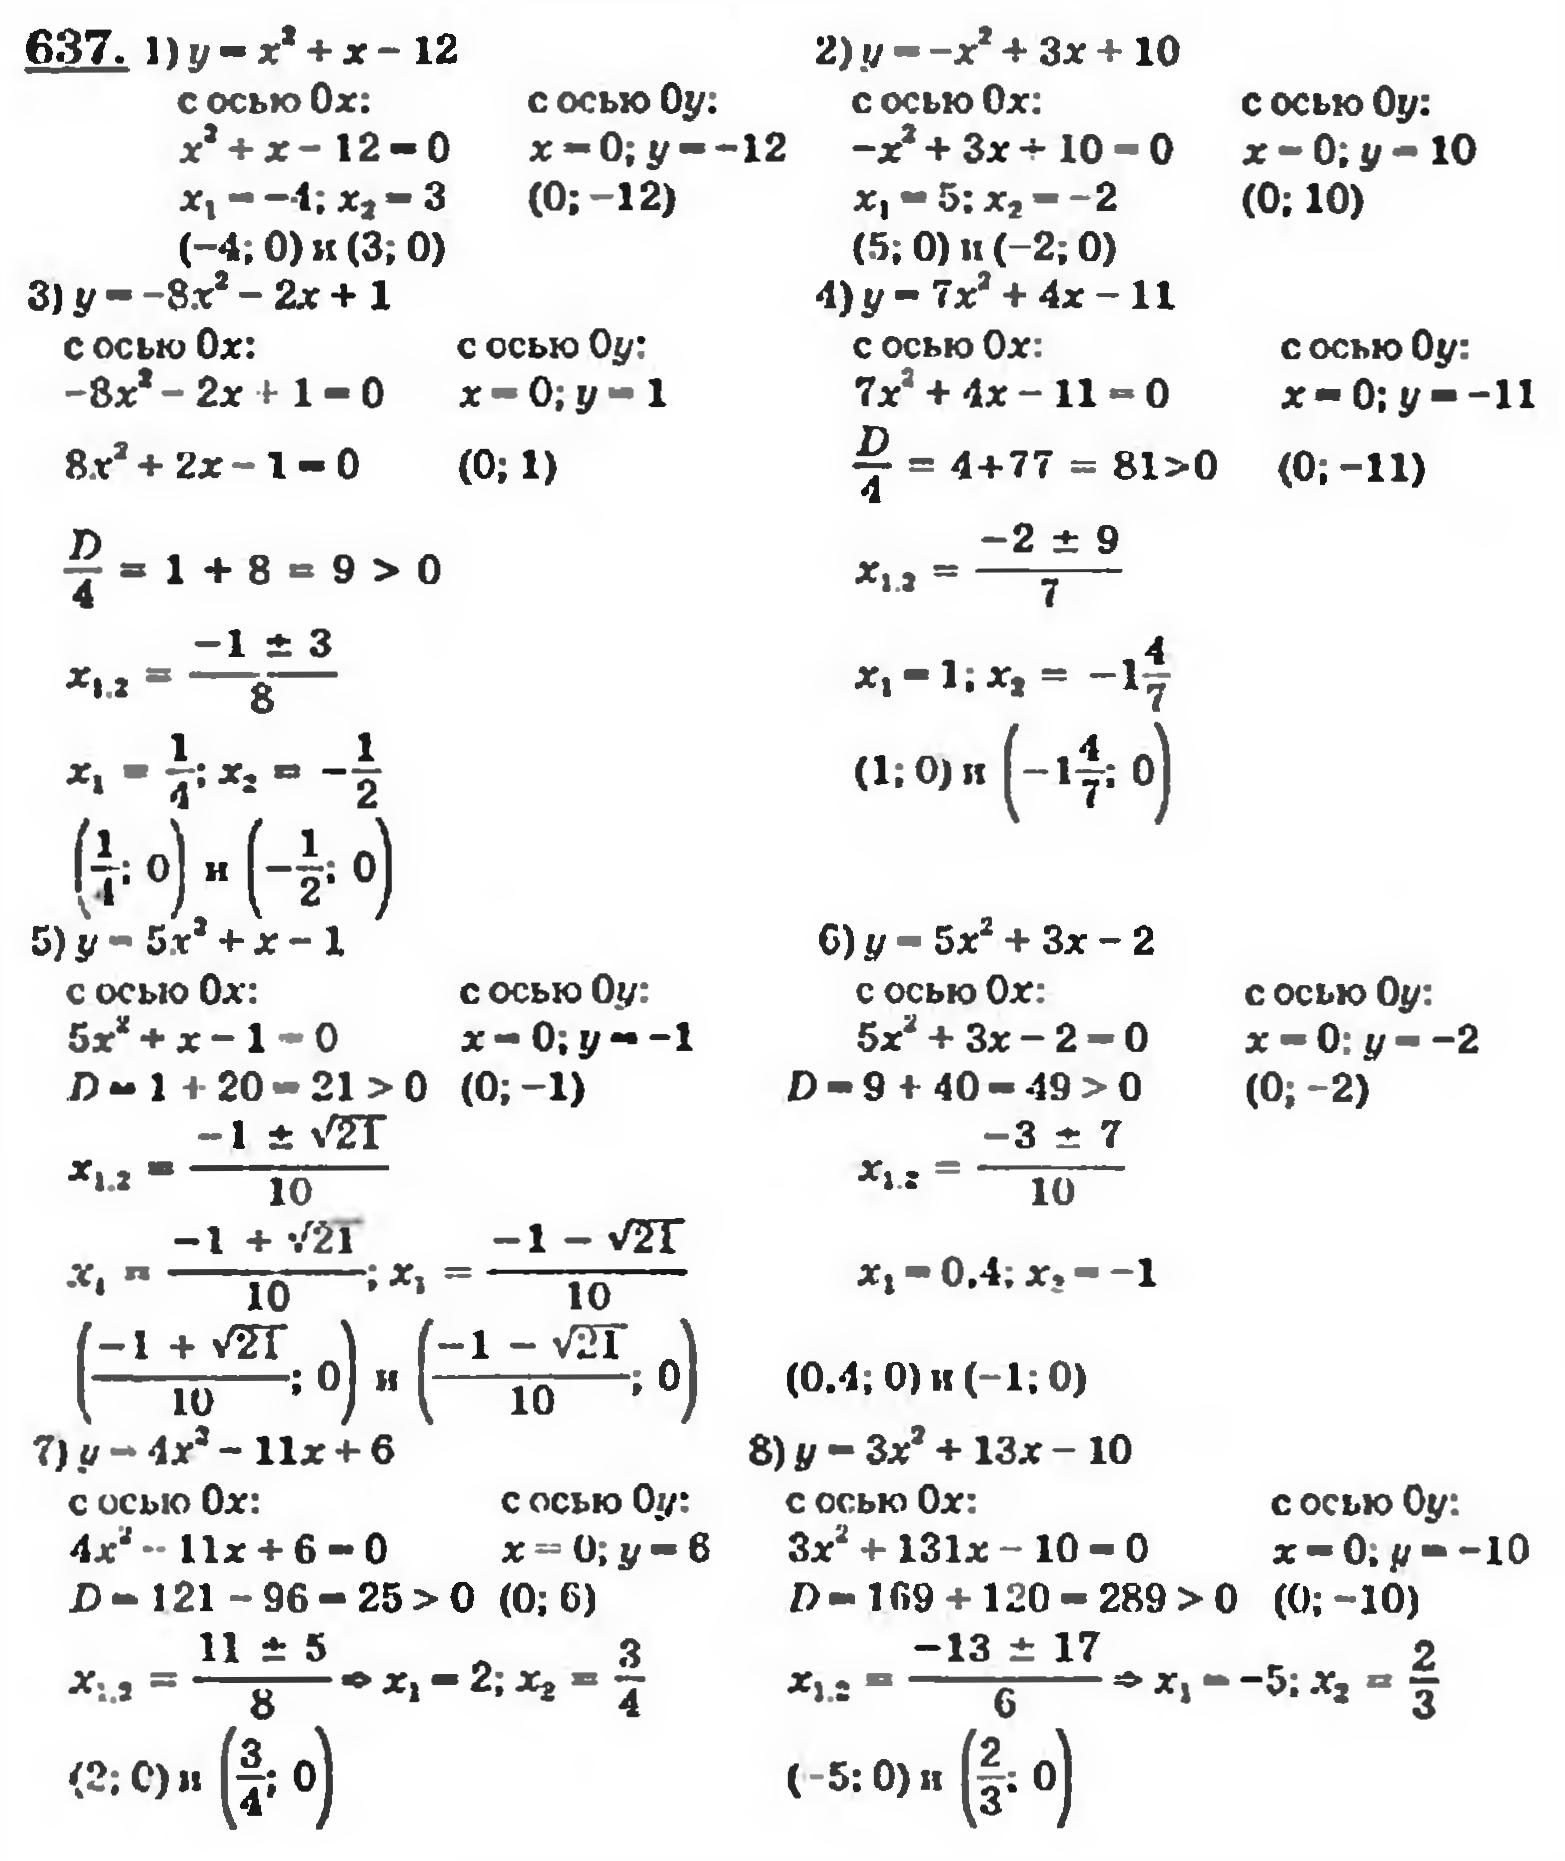 Домашняя работа по химии 11 класс габриелян базовый уровень